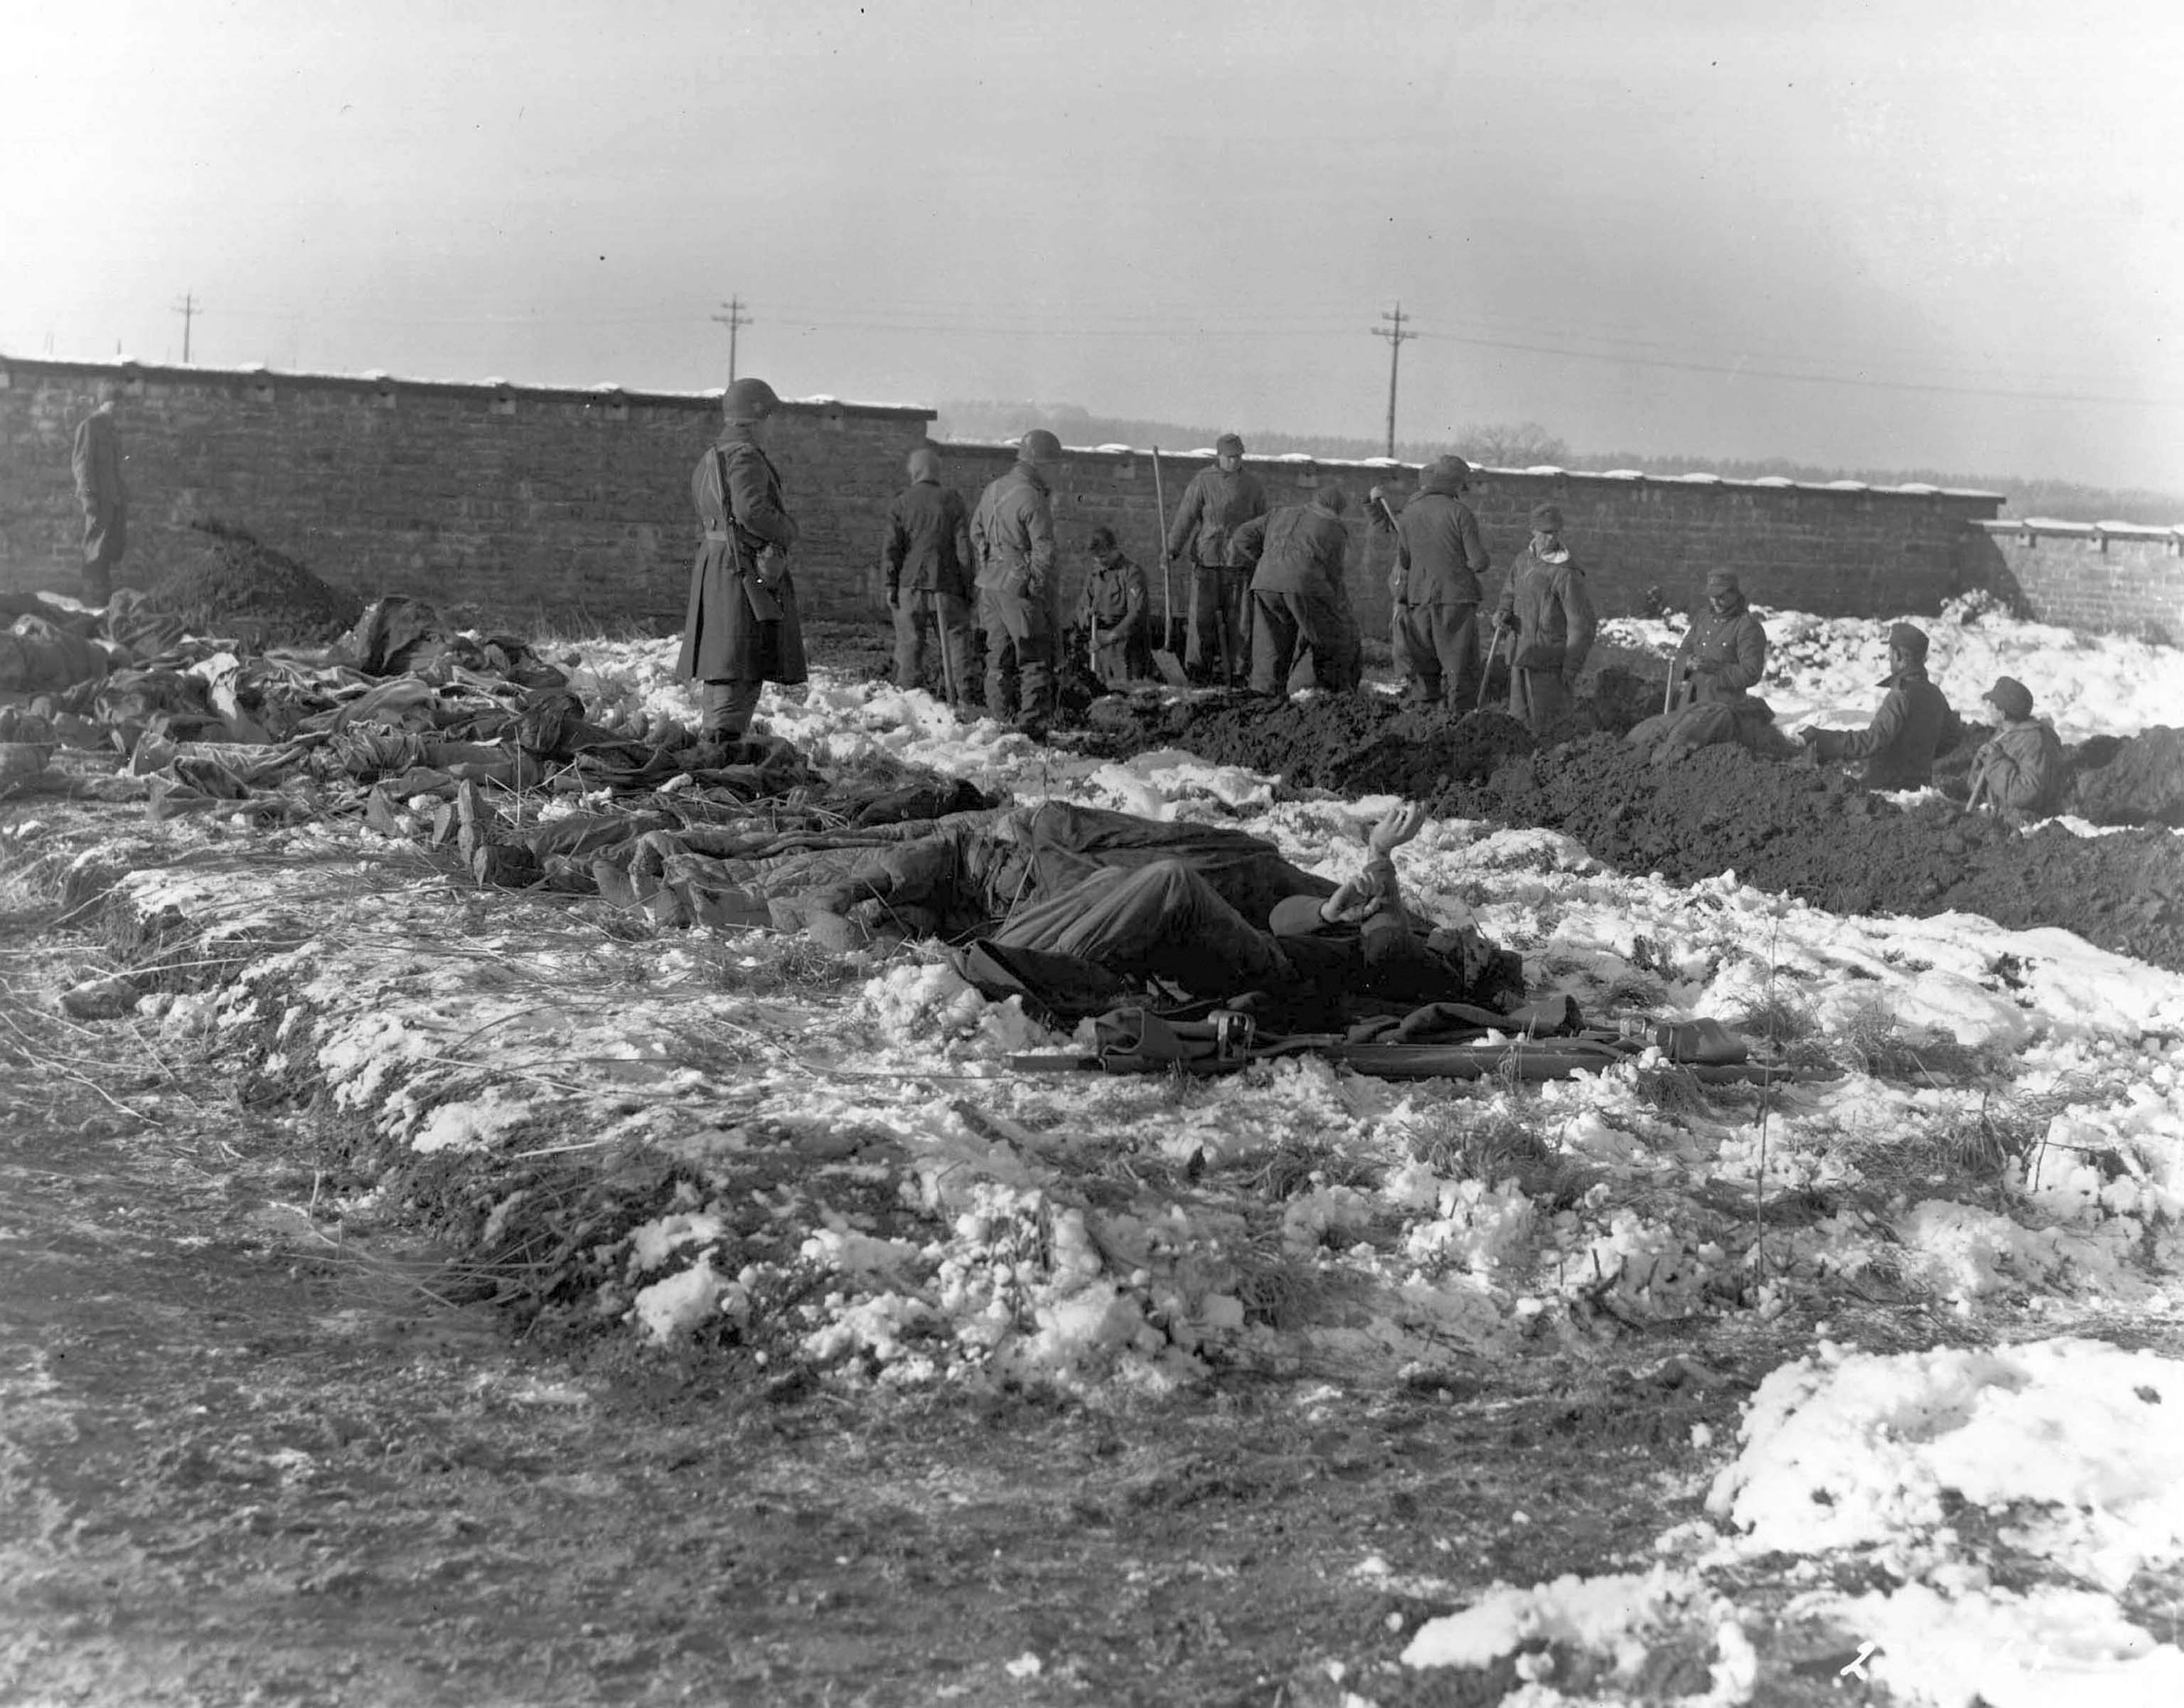 German prisoners, American soldiers